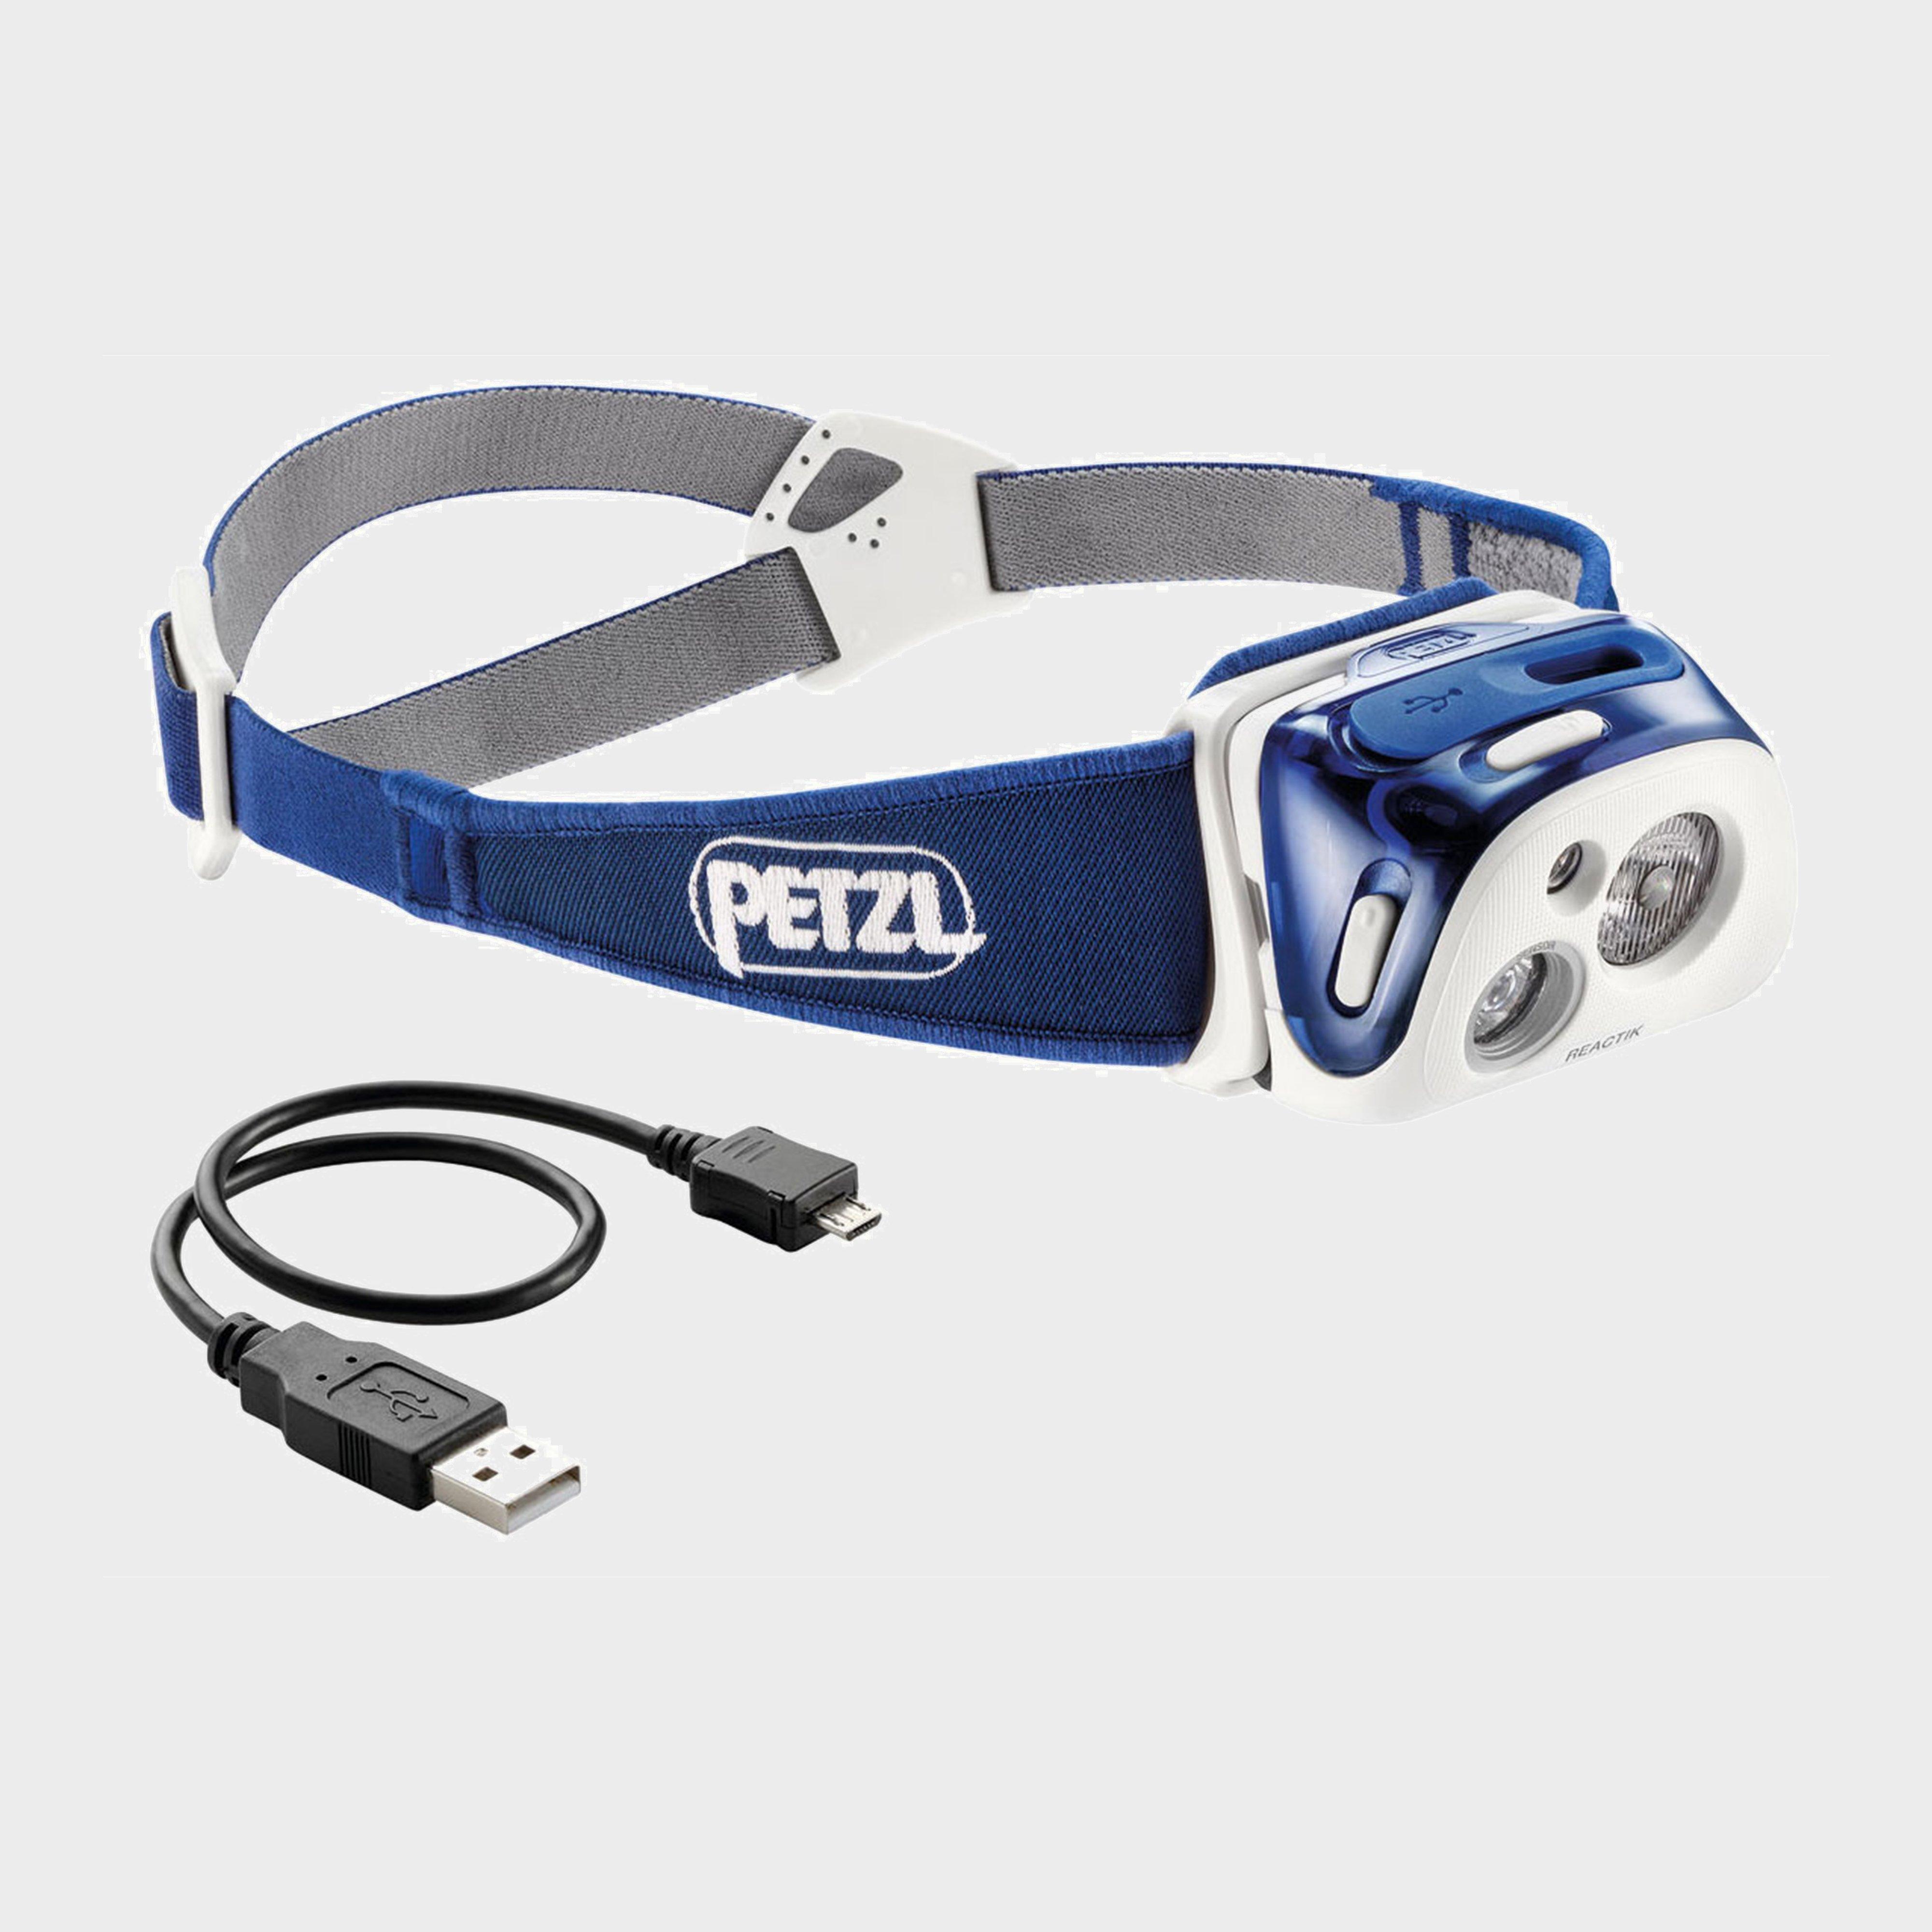 Petzl Petzl Reactik Headlamp